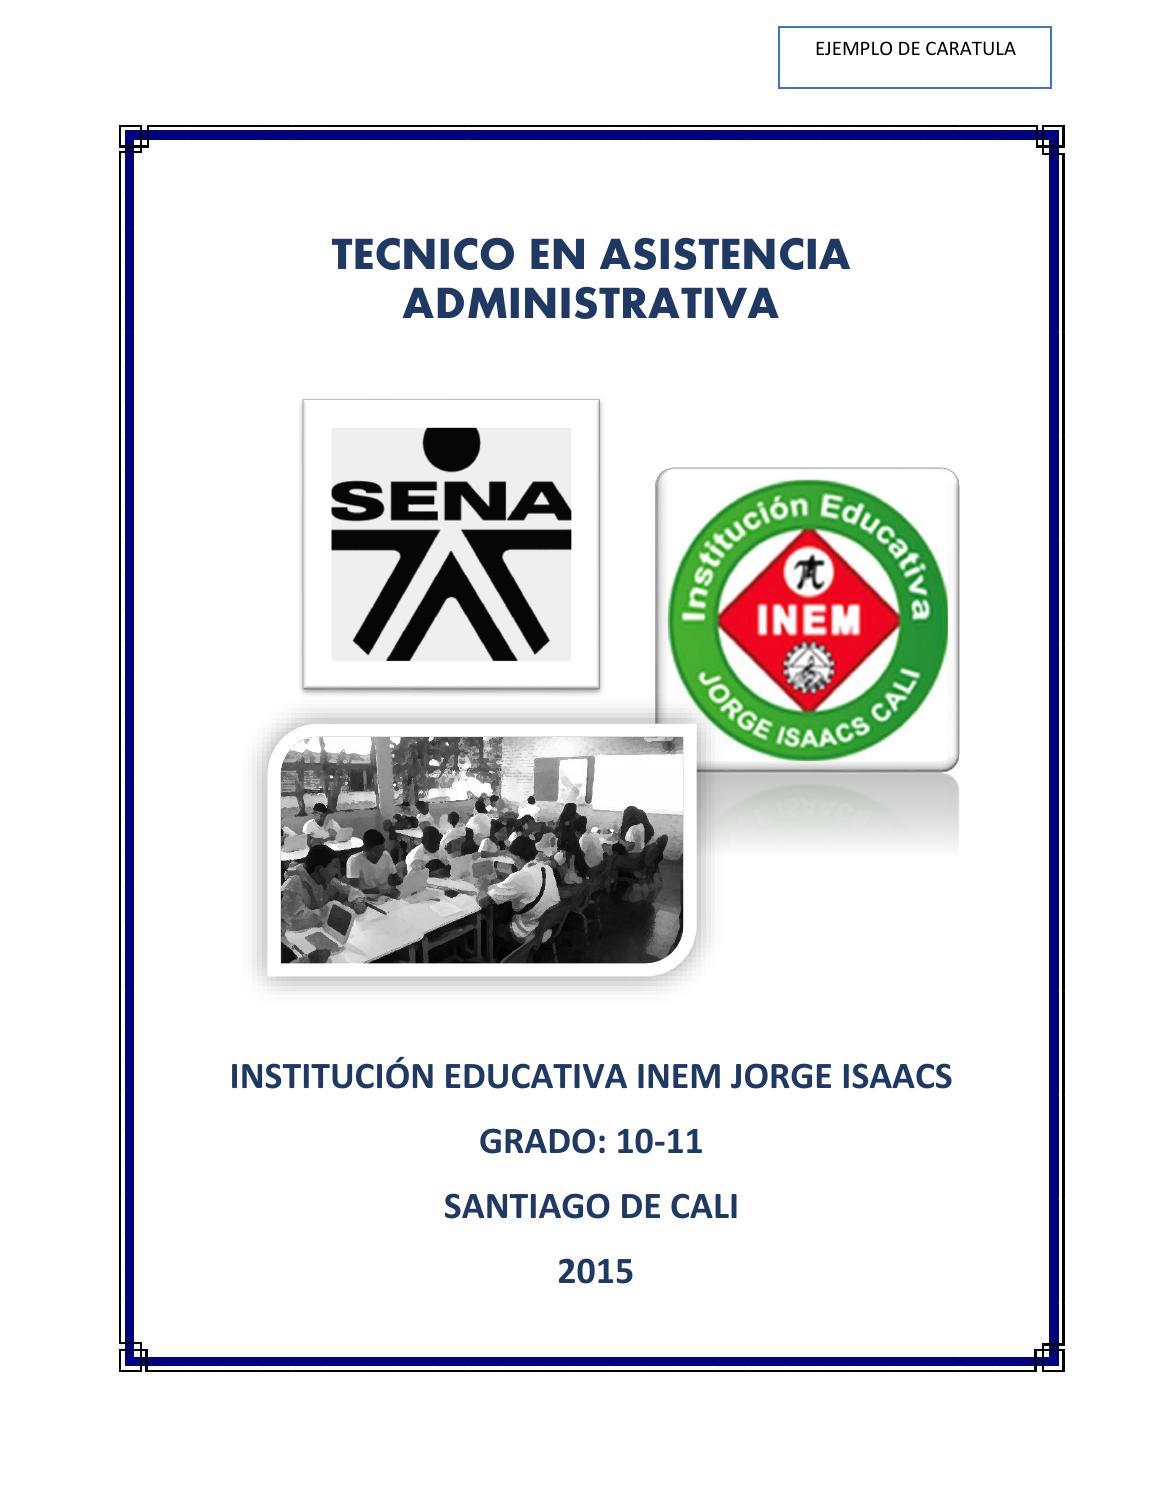 Ejemplo trabajo con normas icontec by alex zambrano - issuu